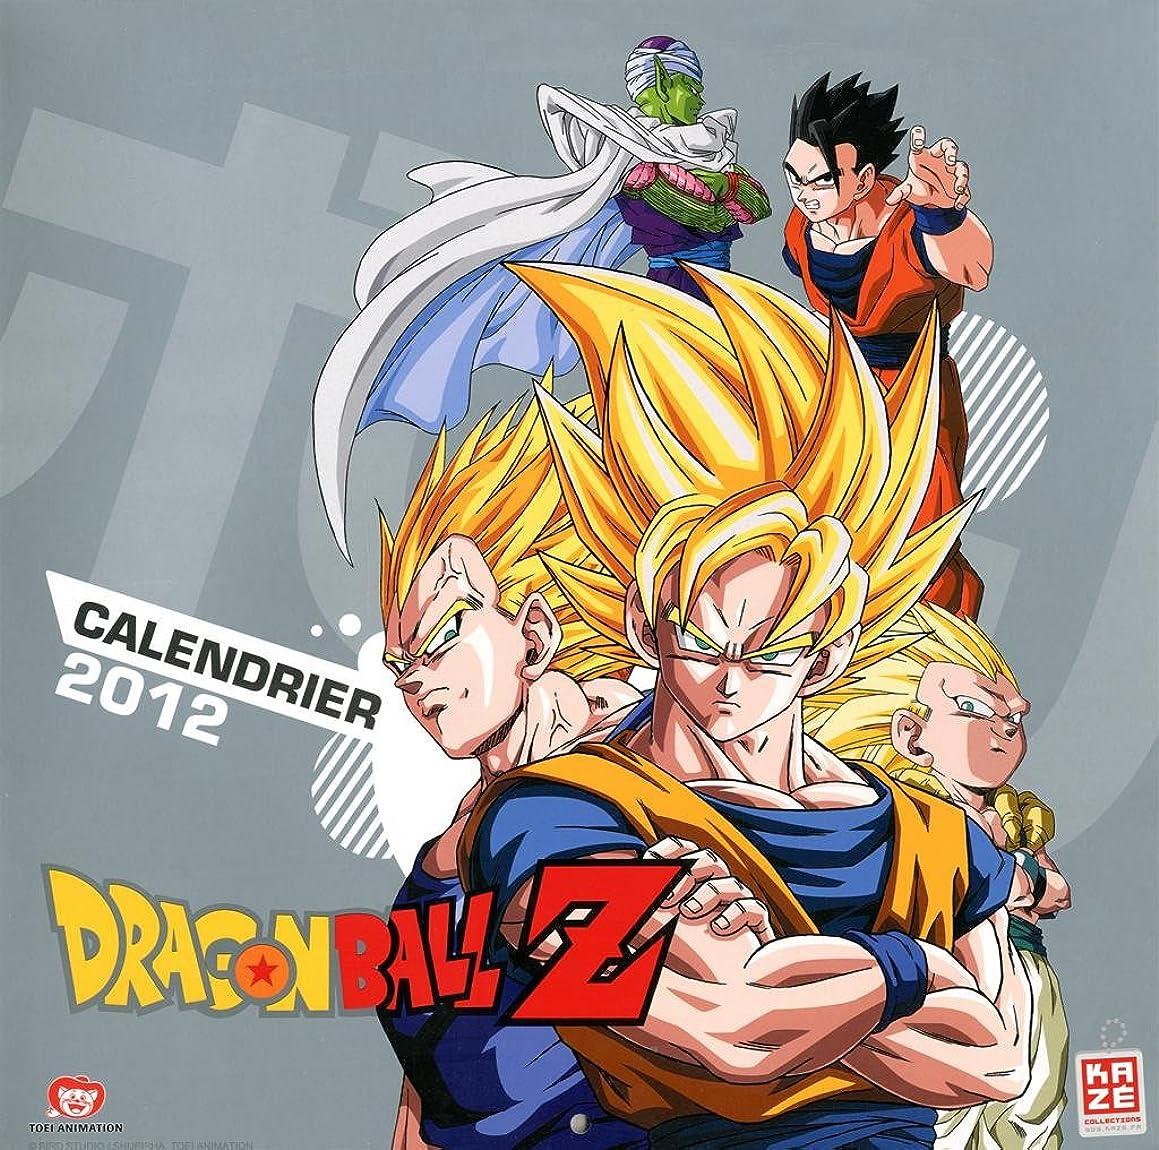 欠かせない投獄靴Calendrier 2012 Dragonball Z